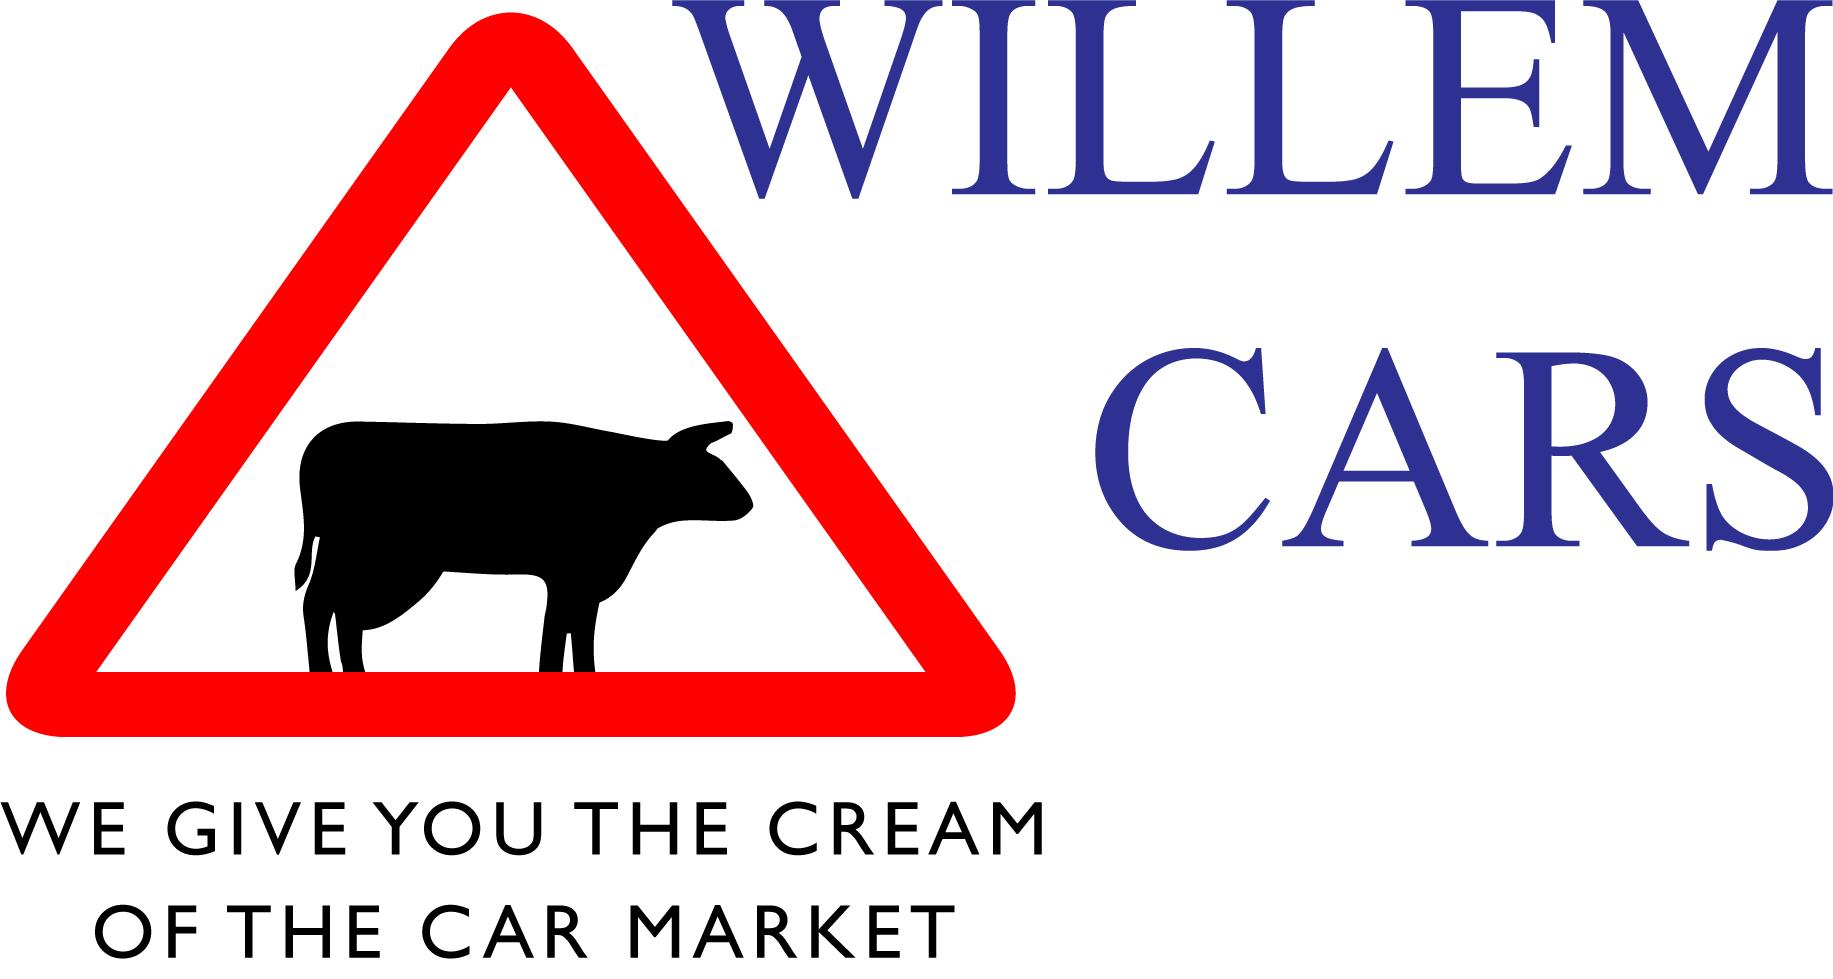 Willemcars